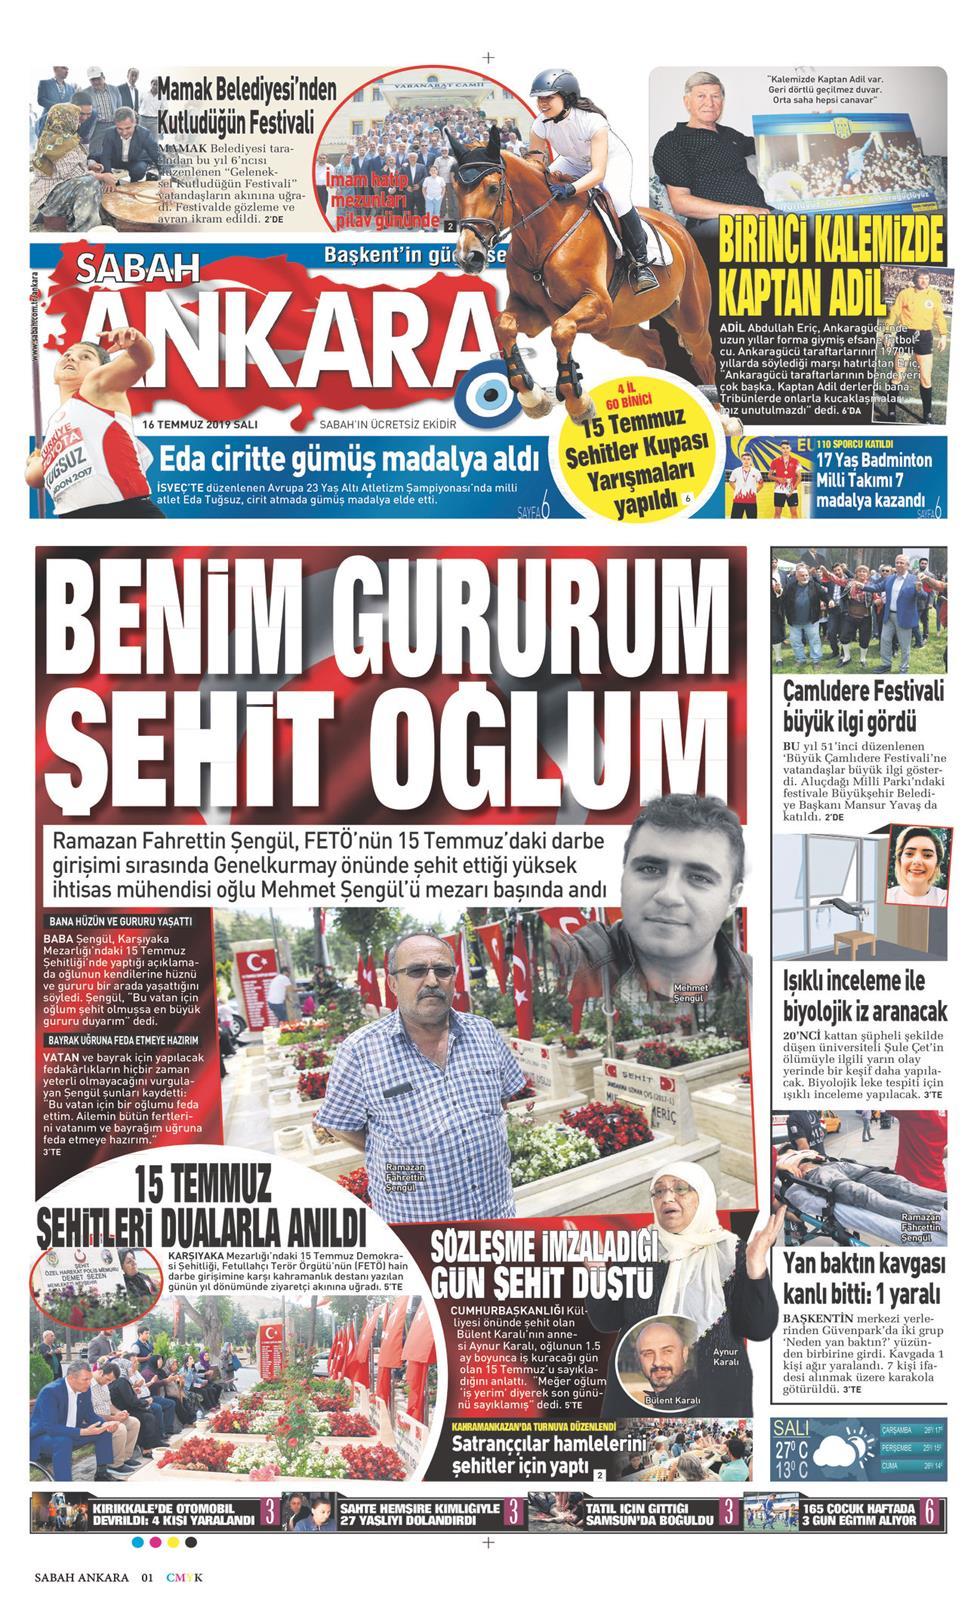 Sabah Ankara